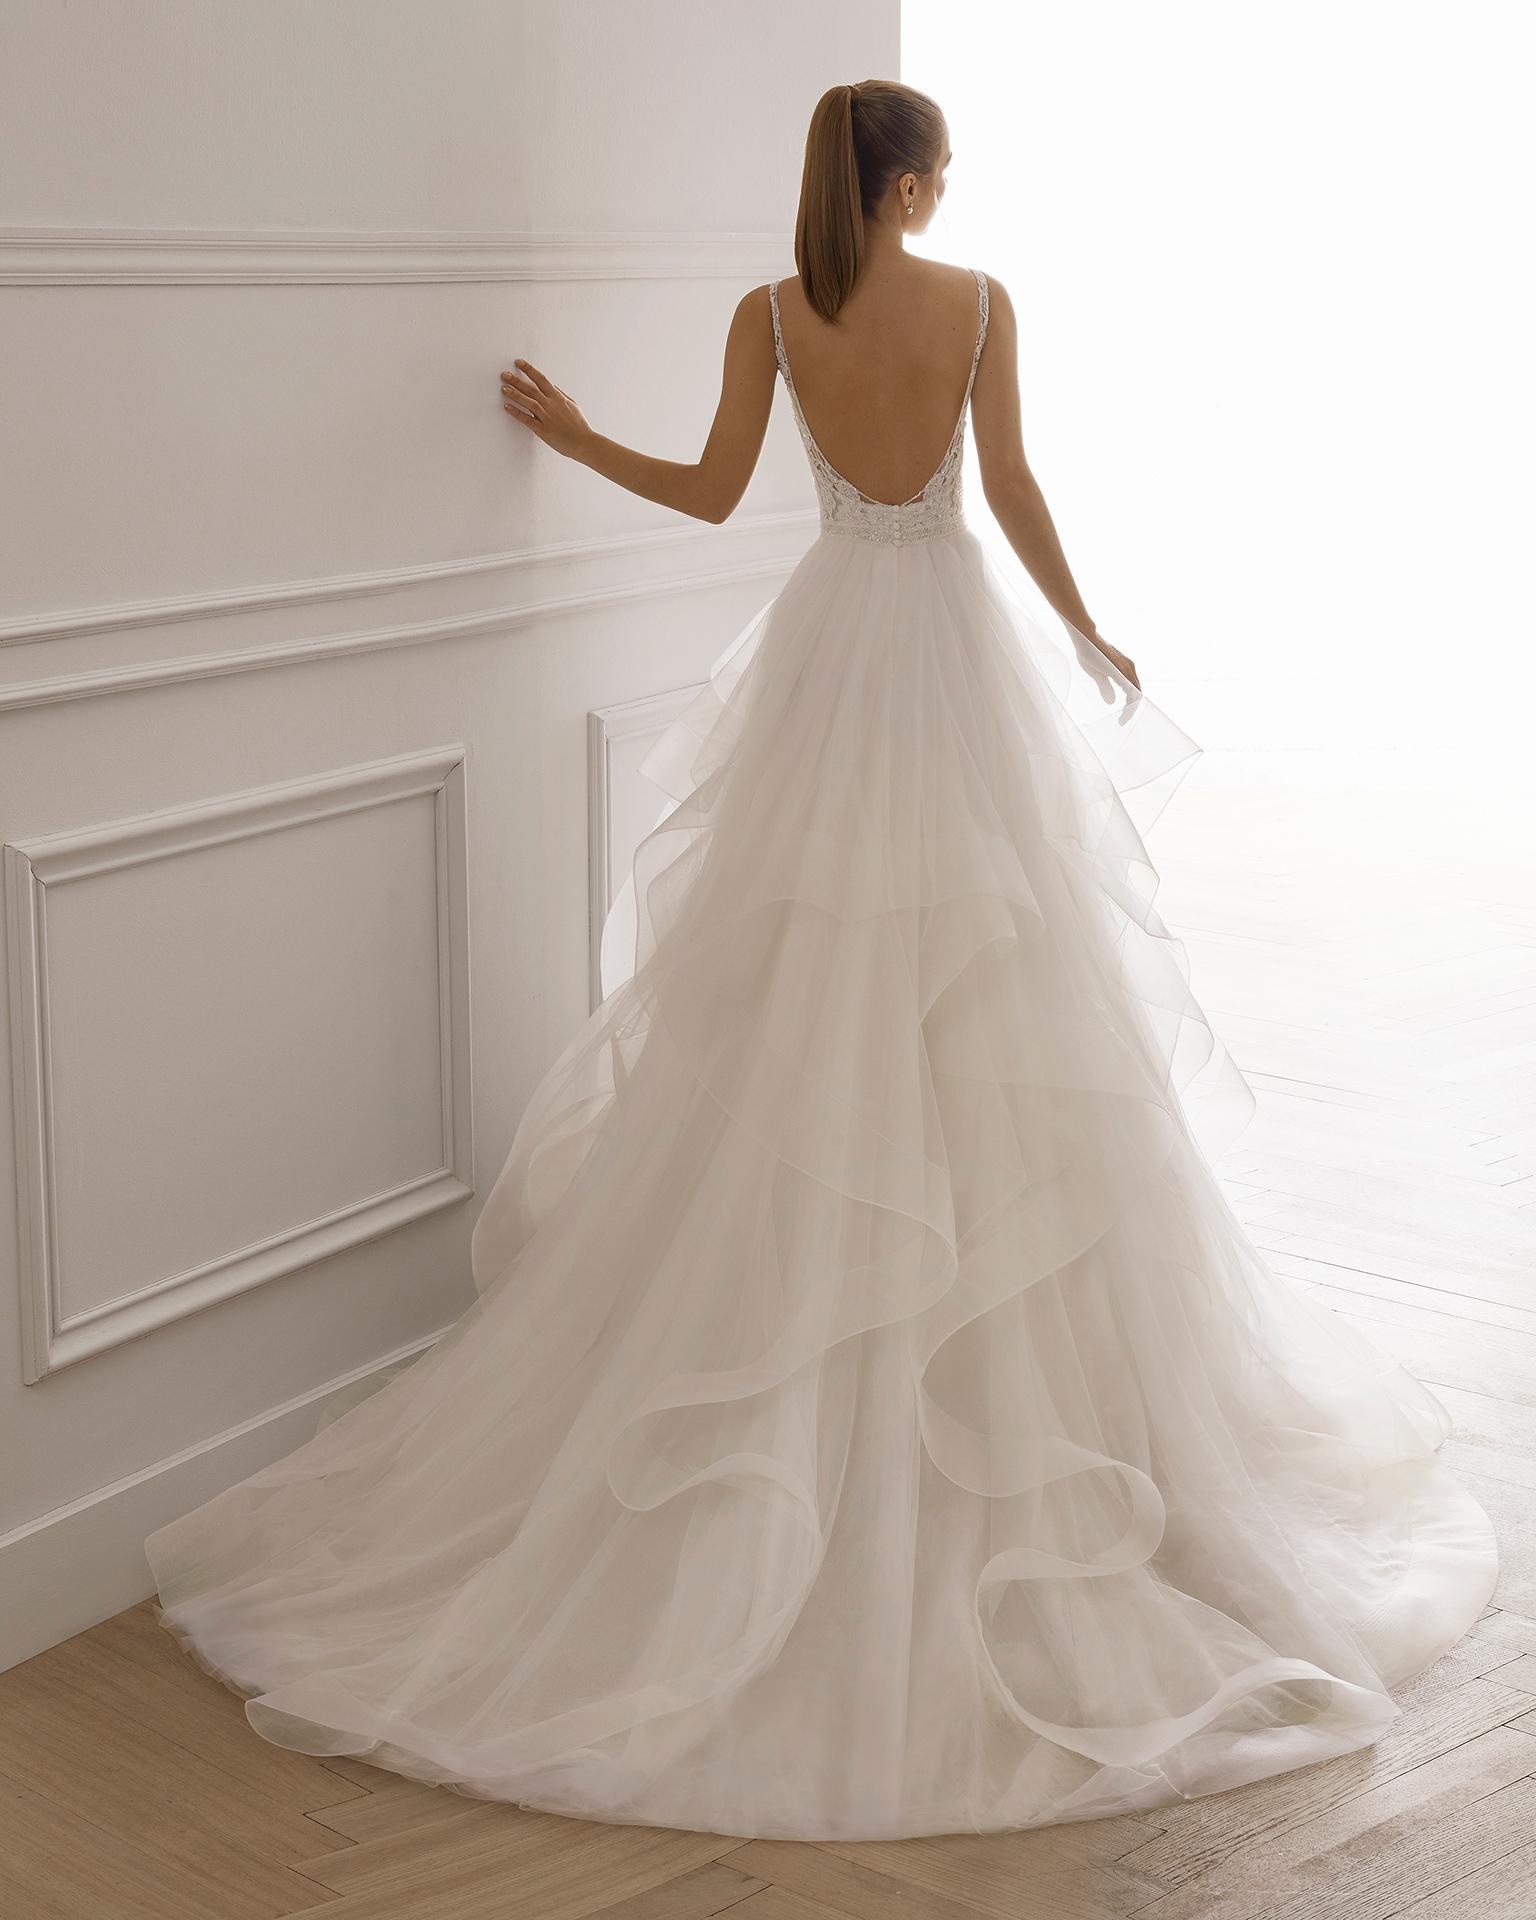 Robe de mariée style princesse en dentelle avec pierreries et volants en tulle. Col en V et décolleté dans le dos. Disponible en couleur naturelle. Collection AIRE BARCELONA 2019.